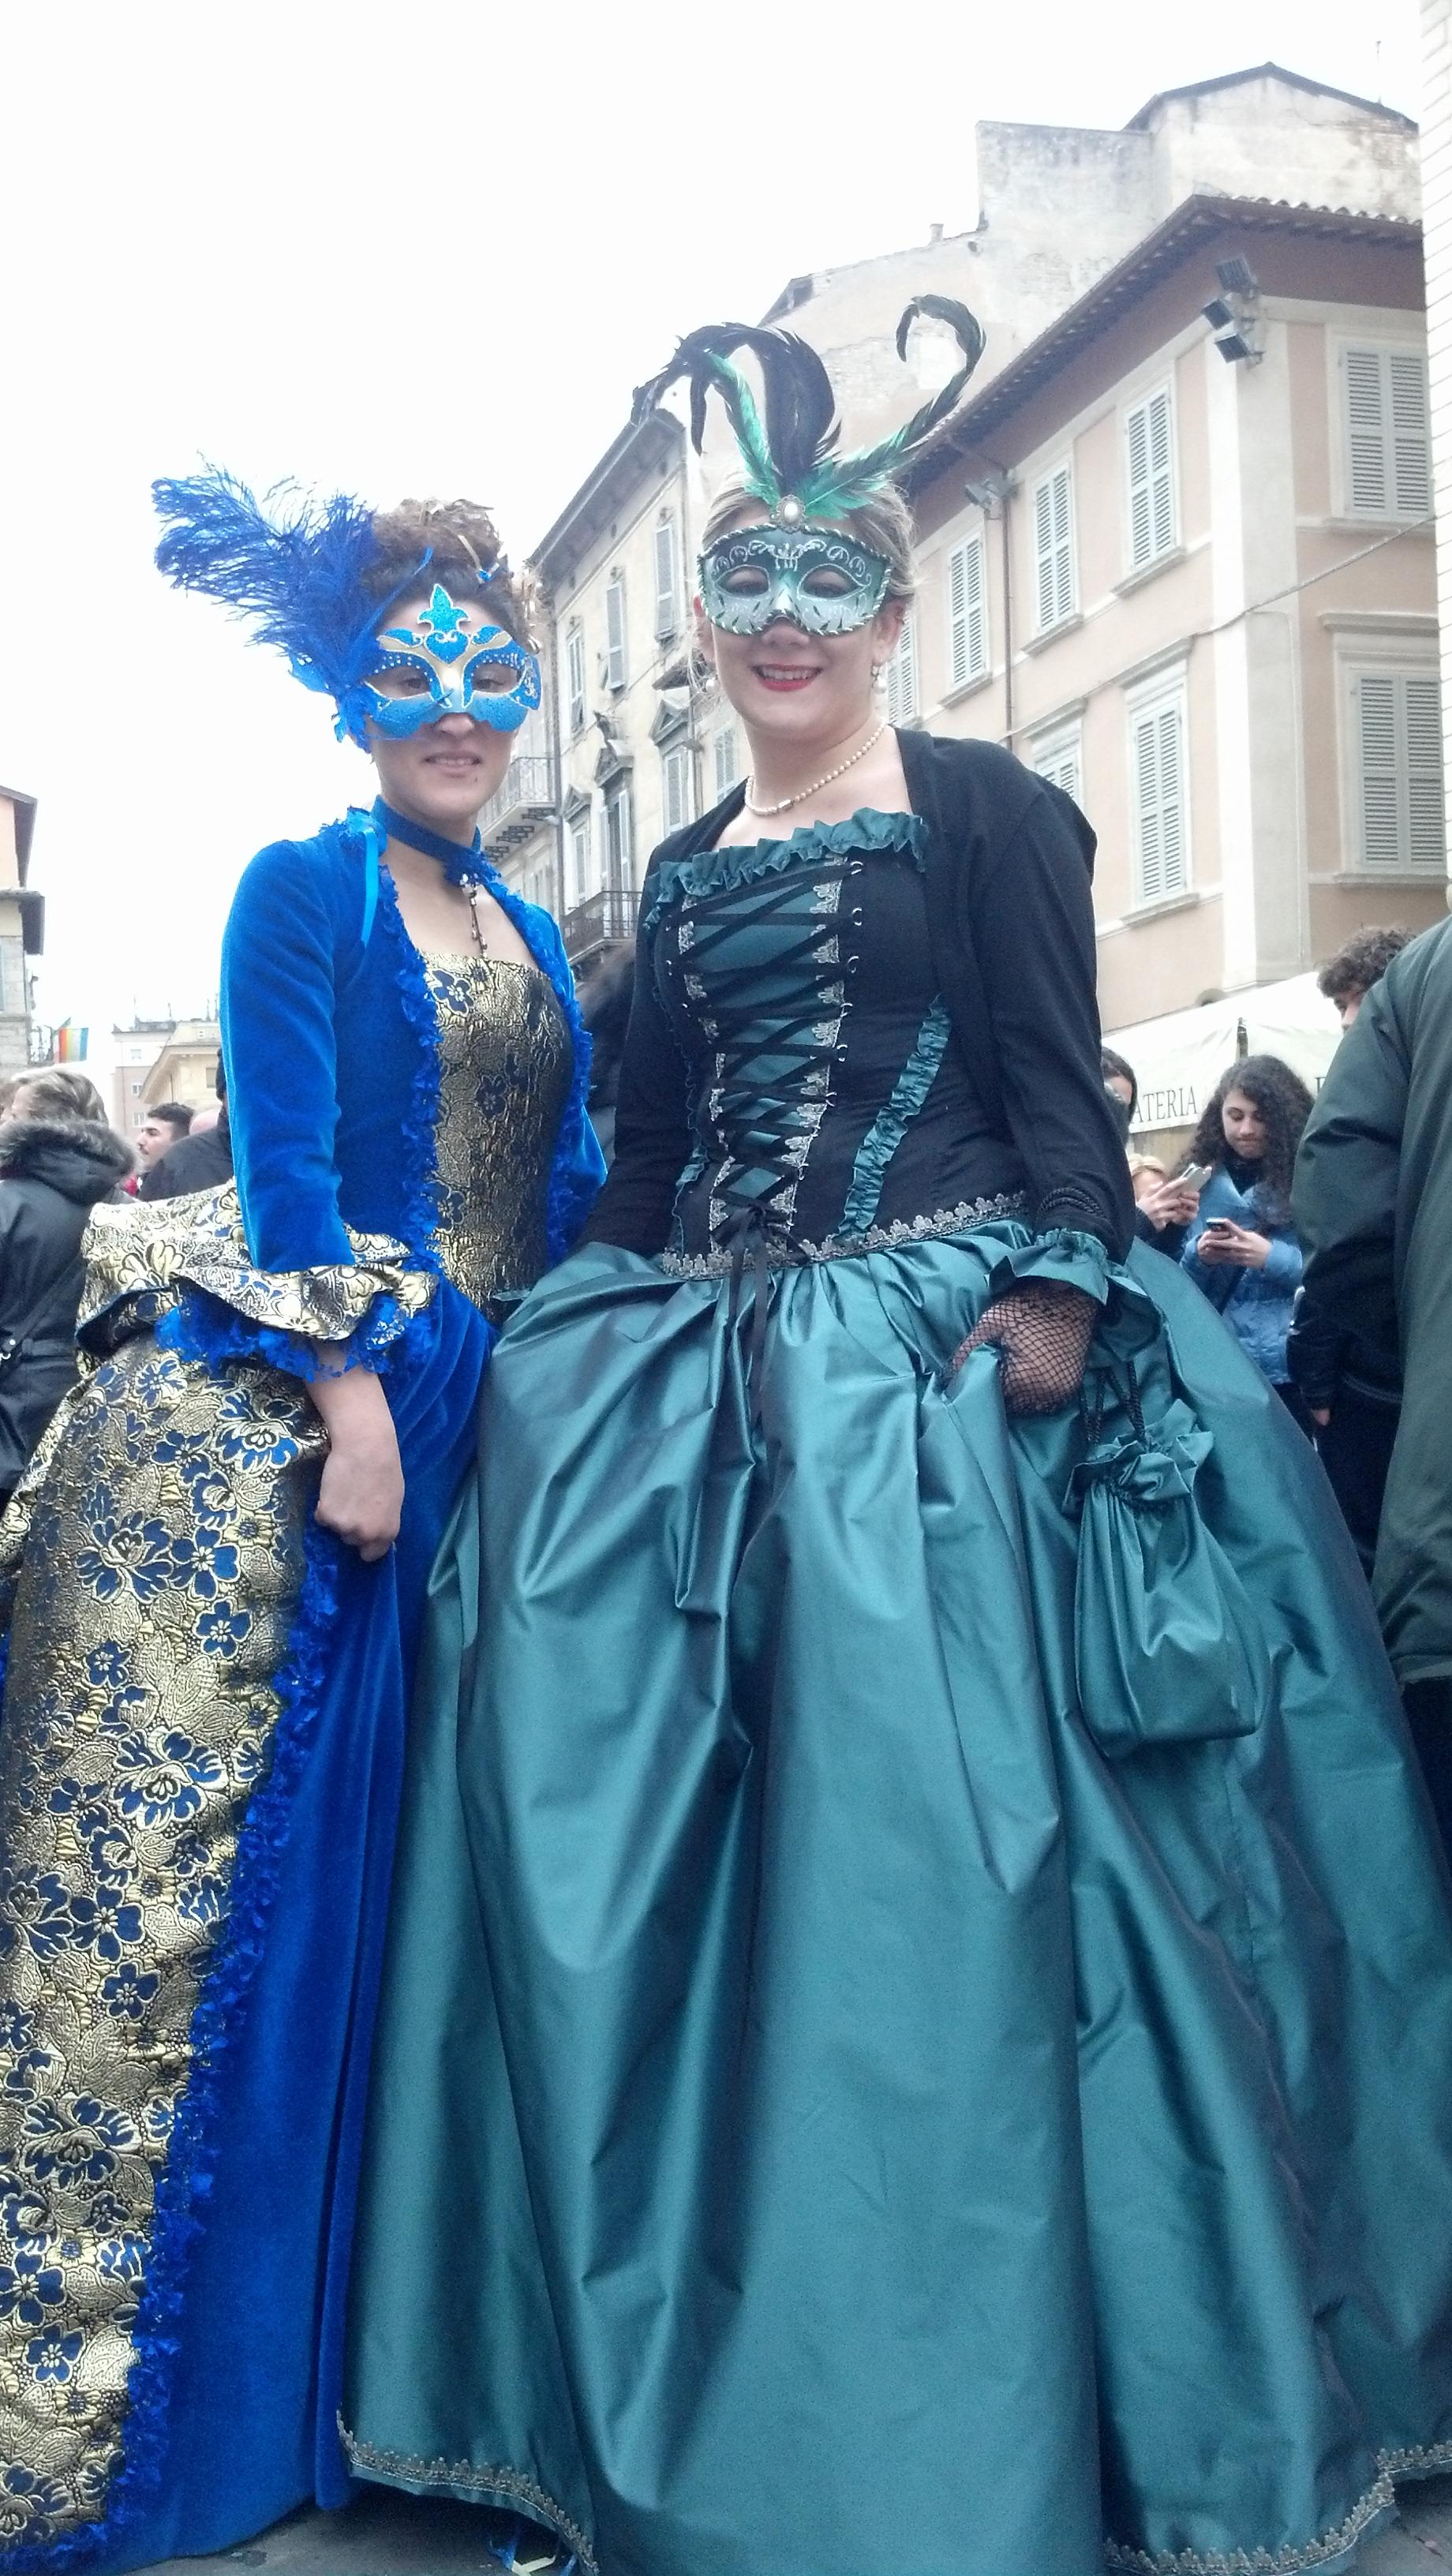 Carnevale ascolano 2013 (35) due dame